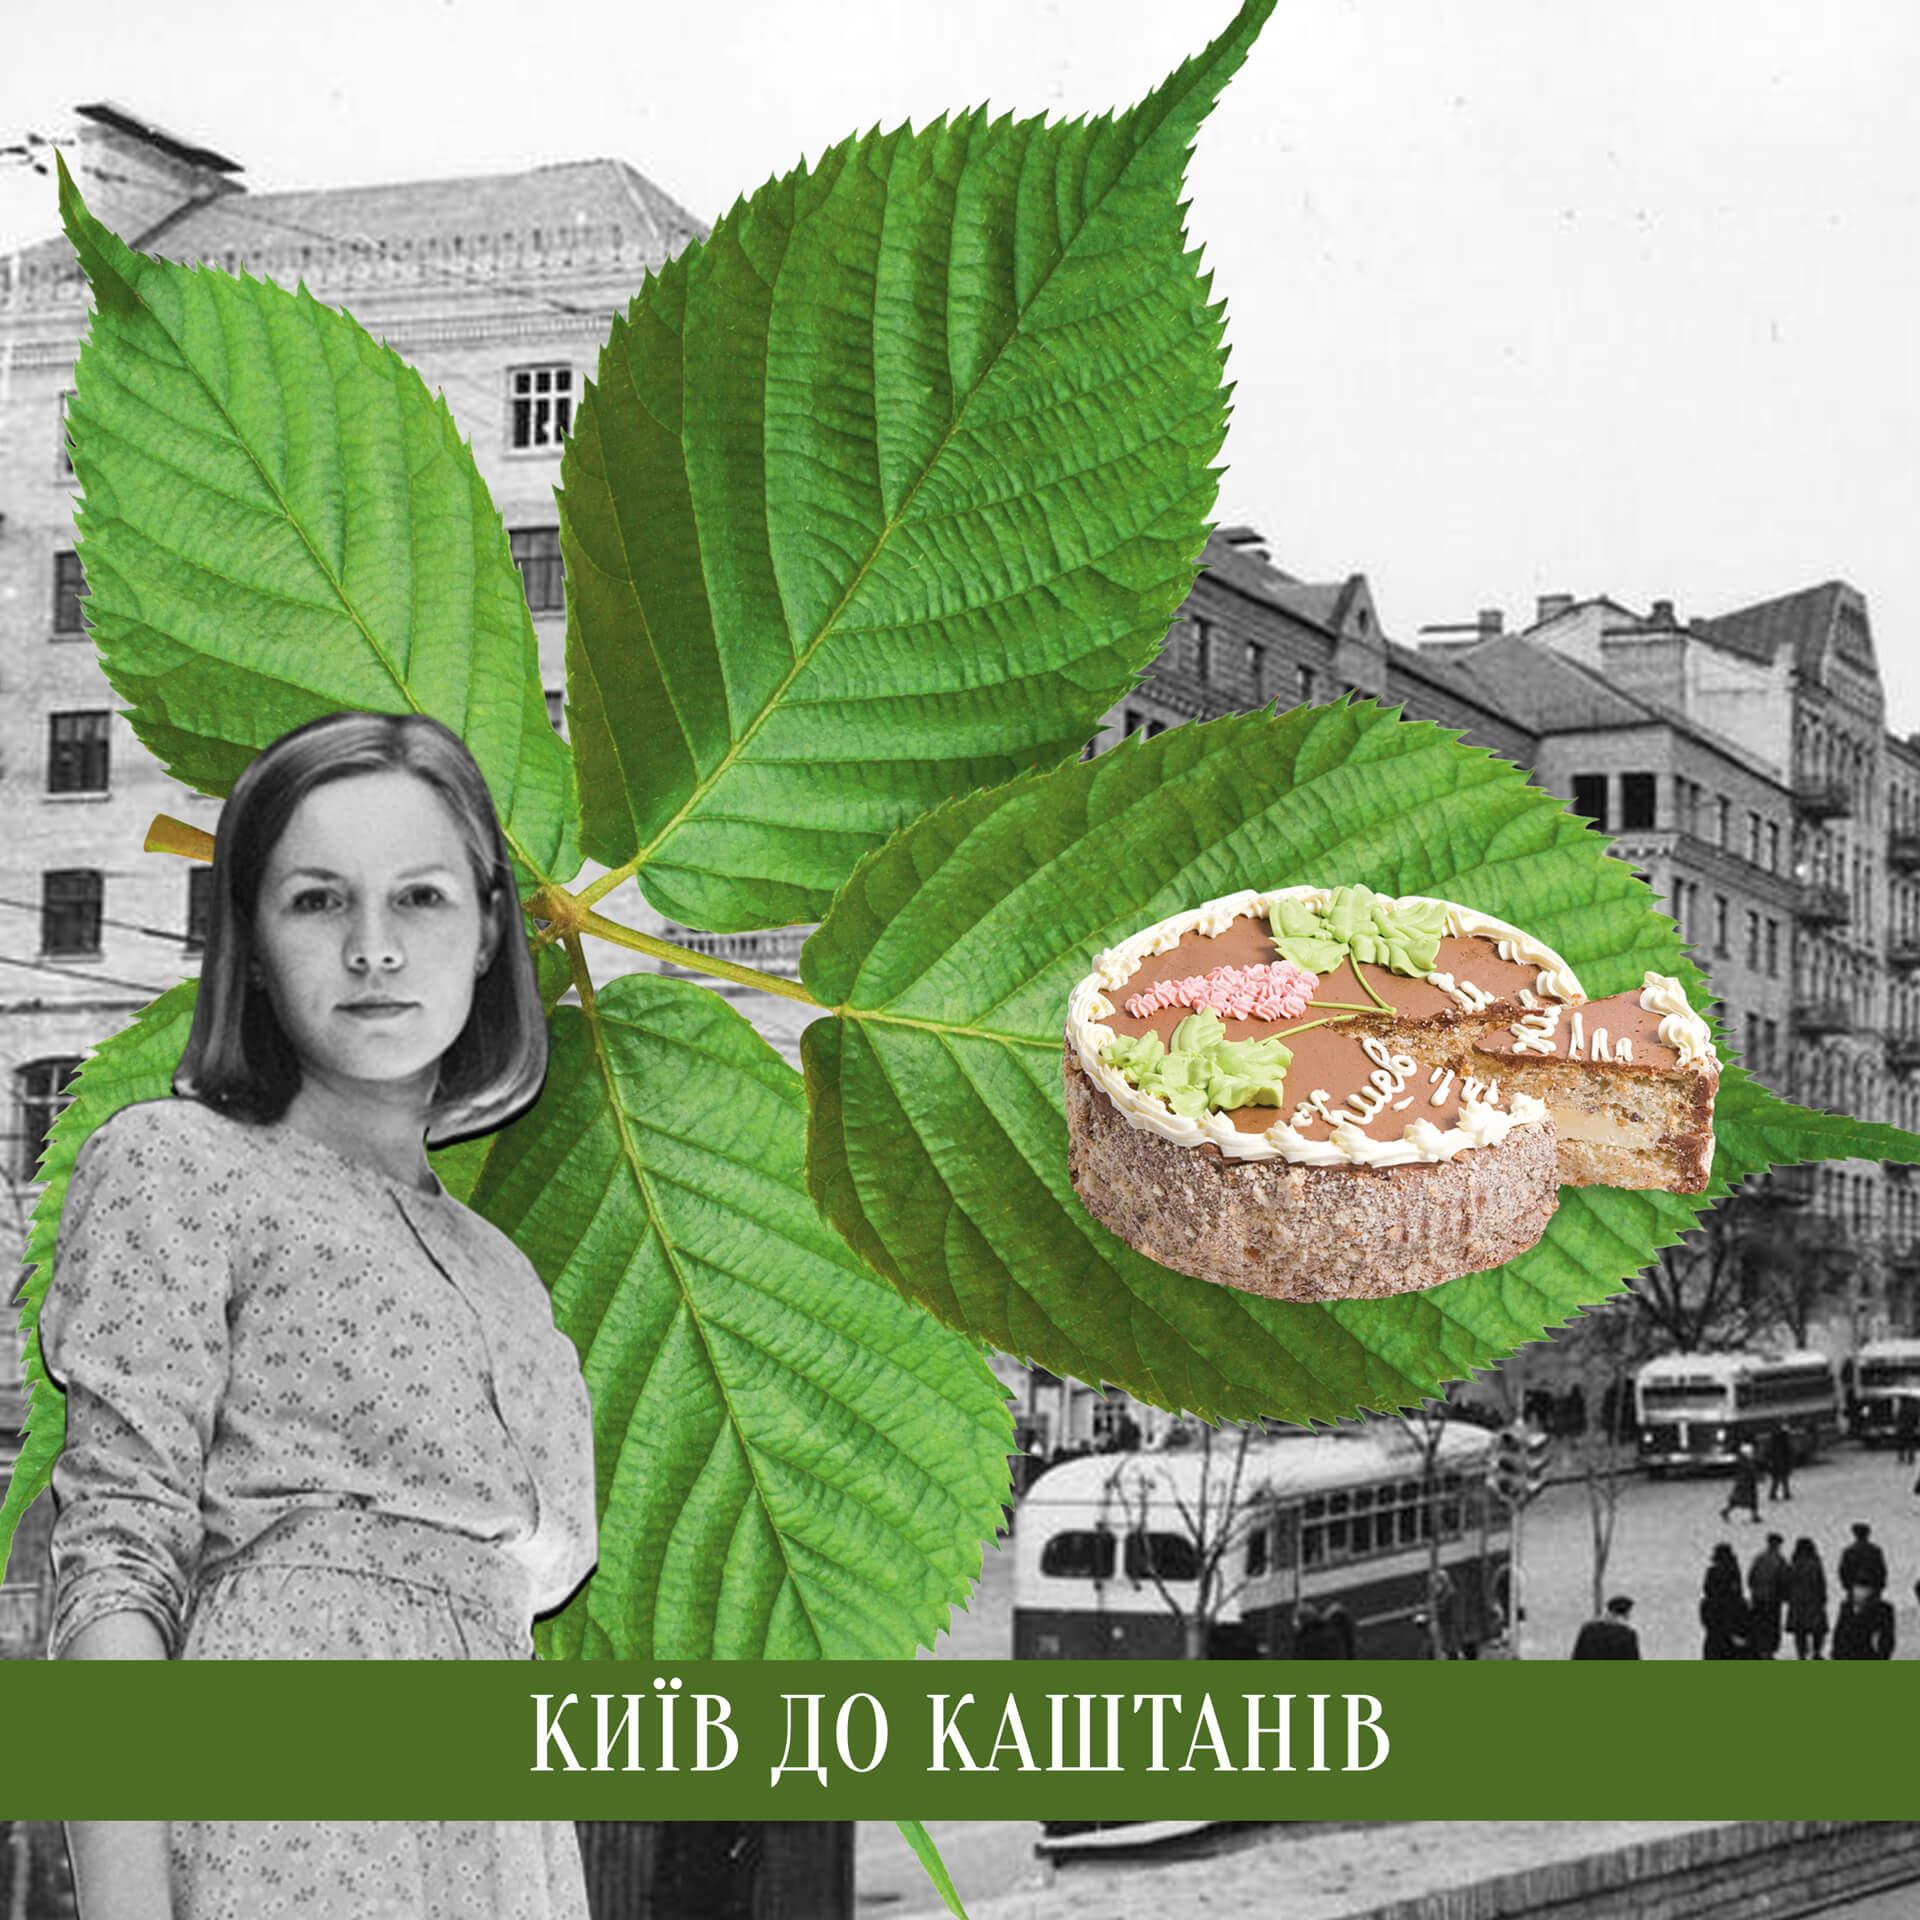 Київ до каштанів